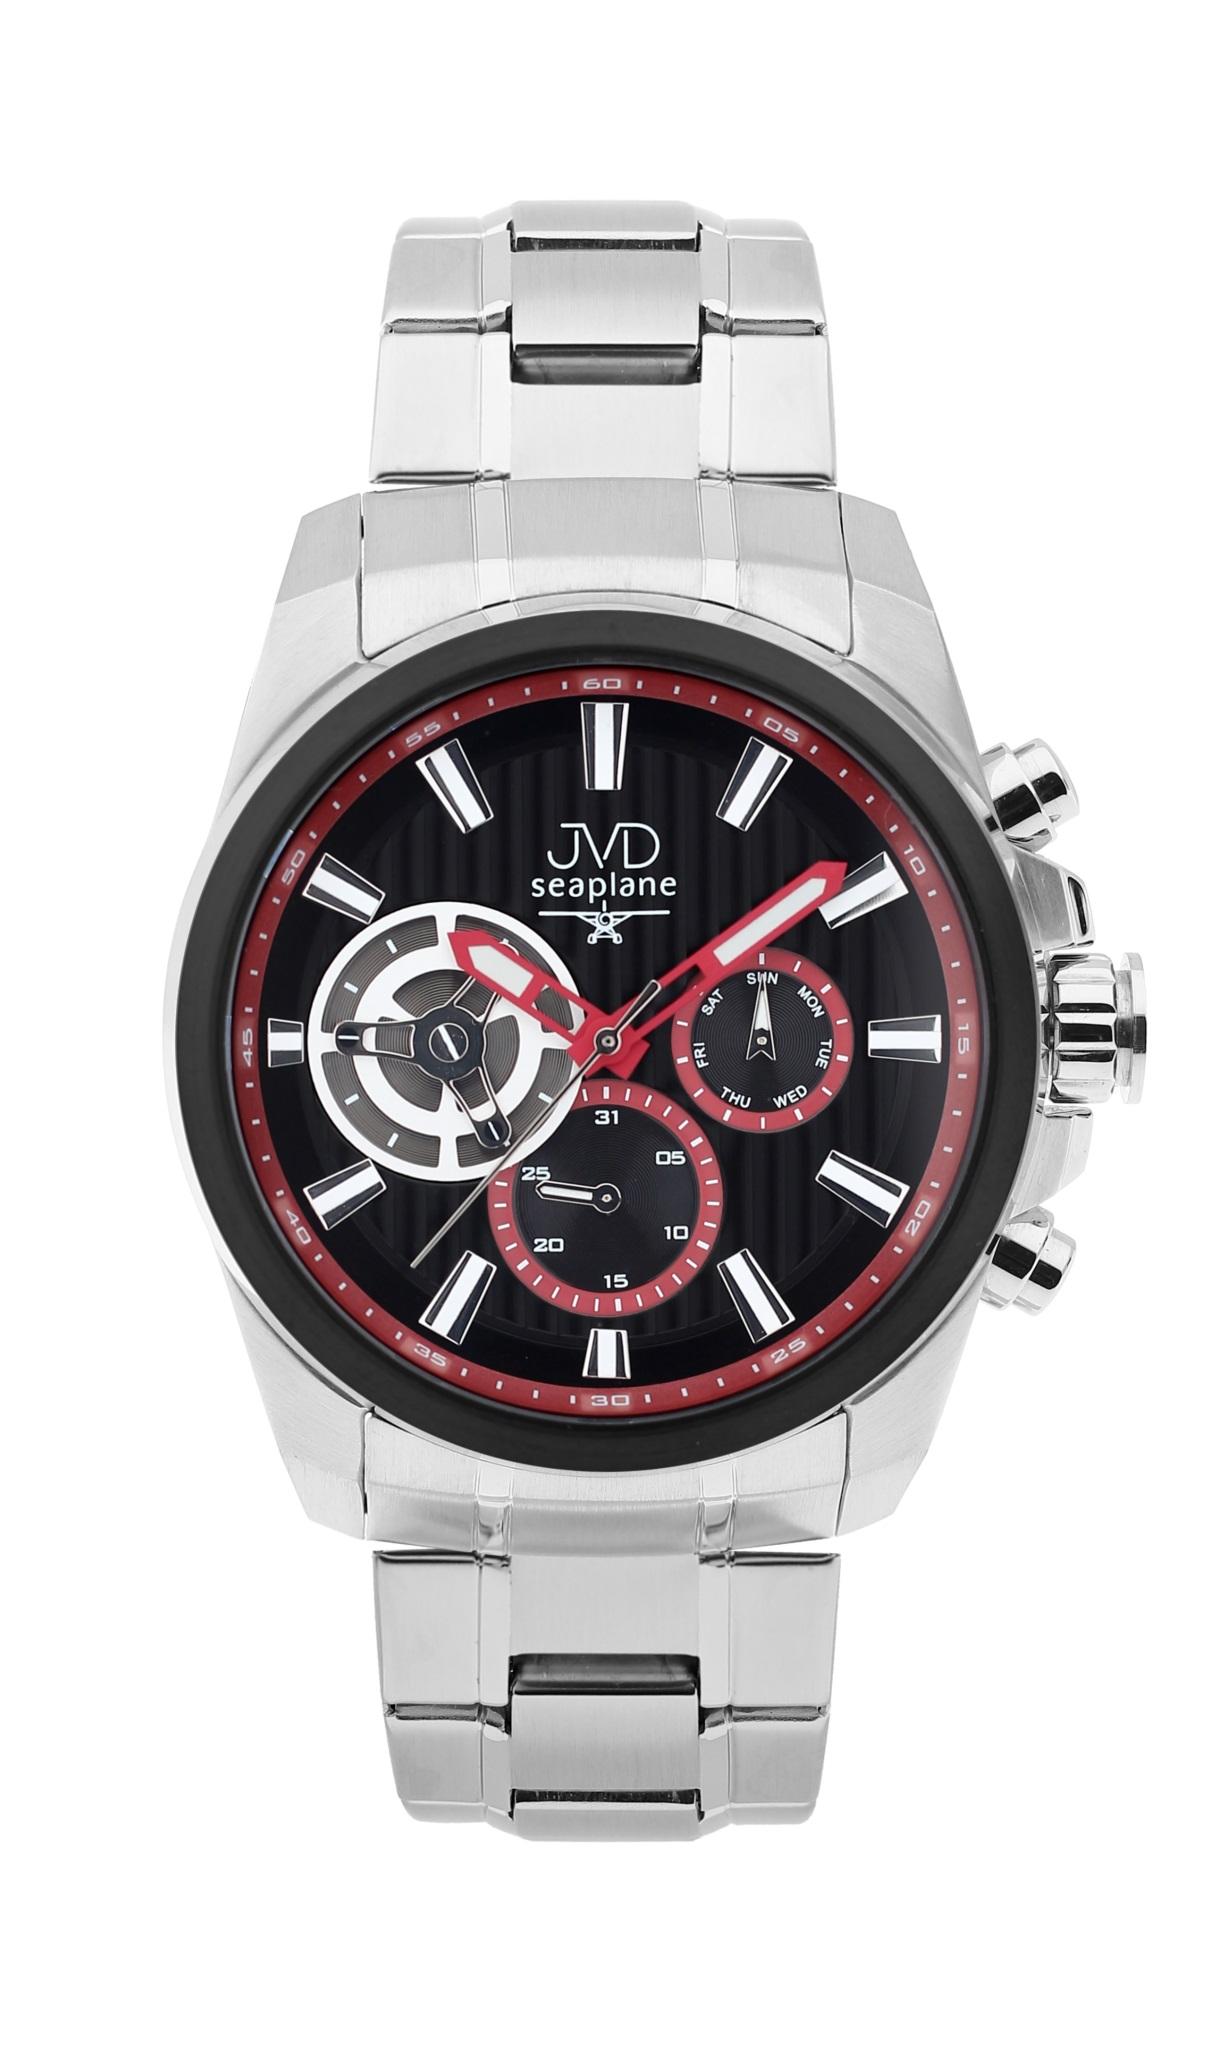 Pánské luxusní vodotěsné chronografy hodinky JVD seaplane W83.3 - 10ATM  stopky POŠTOVNÉ ZDARMA! 6b52fe9fa77